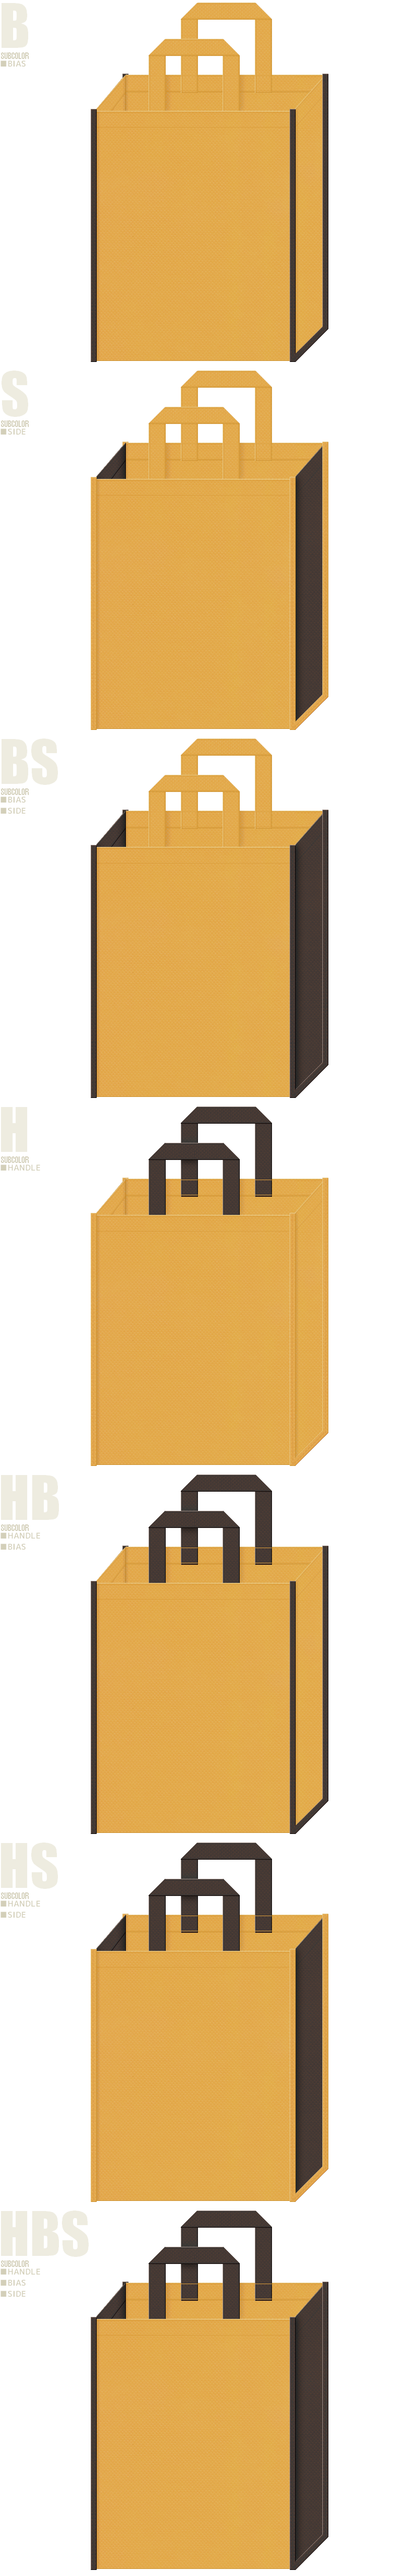 フライヤー・ドーナツ・カフェ・レストラン・石窯パン・チョコクッキー・サブレ・スイーツ・和菓子・ベーカリー・西部劇・ウィスキー・工作教室・DIY・木製インテリア・木製玩具・木製食器・住宅展示場にお奨めの不織布バッグデザイン:黄土色とこげ茶色の配色7パターン